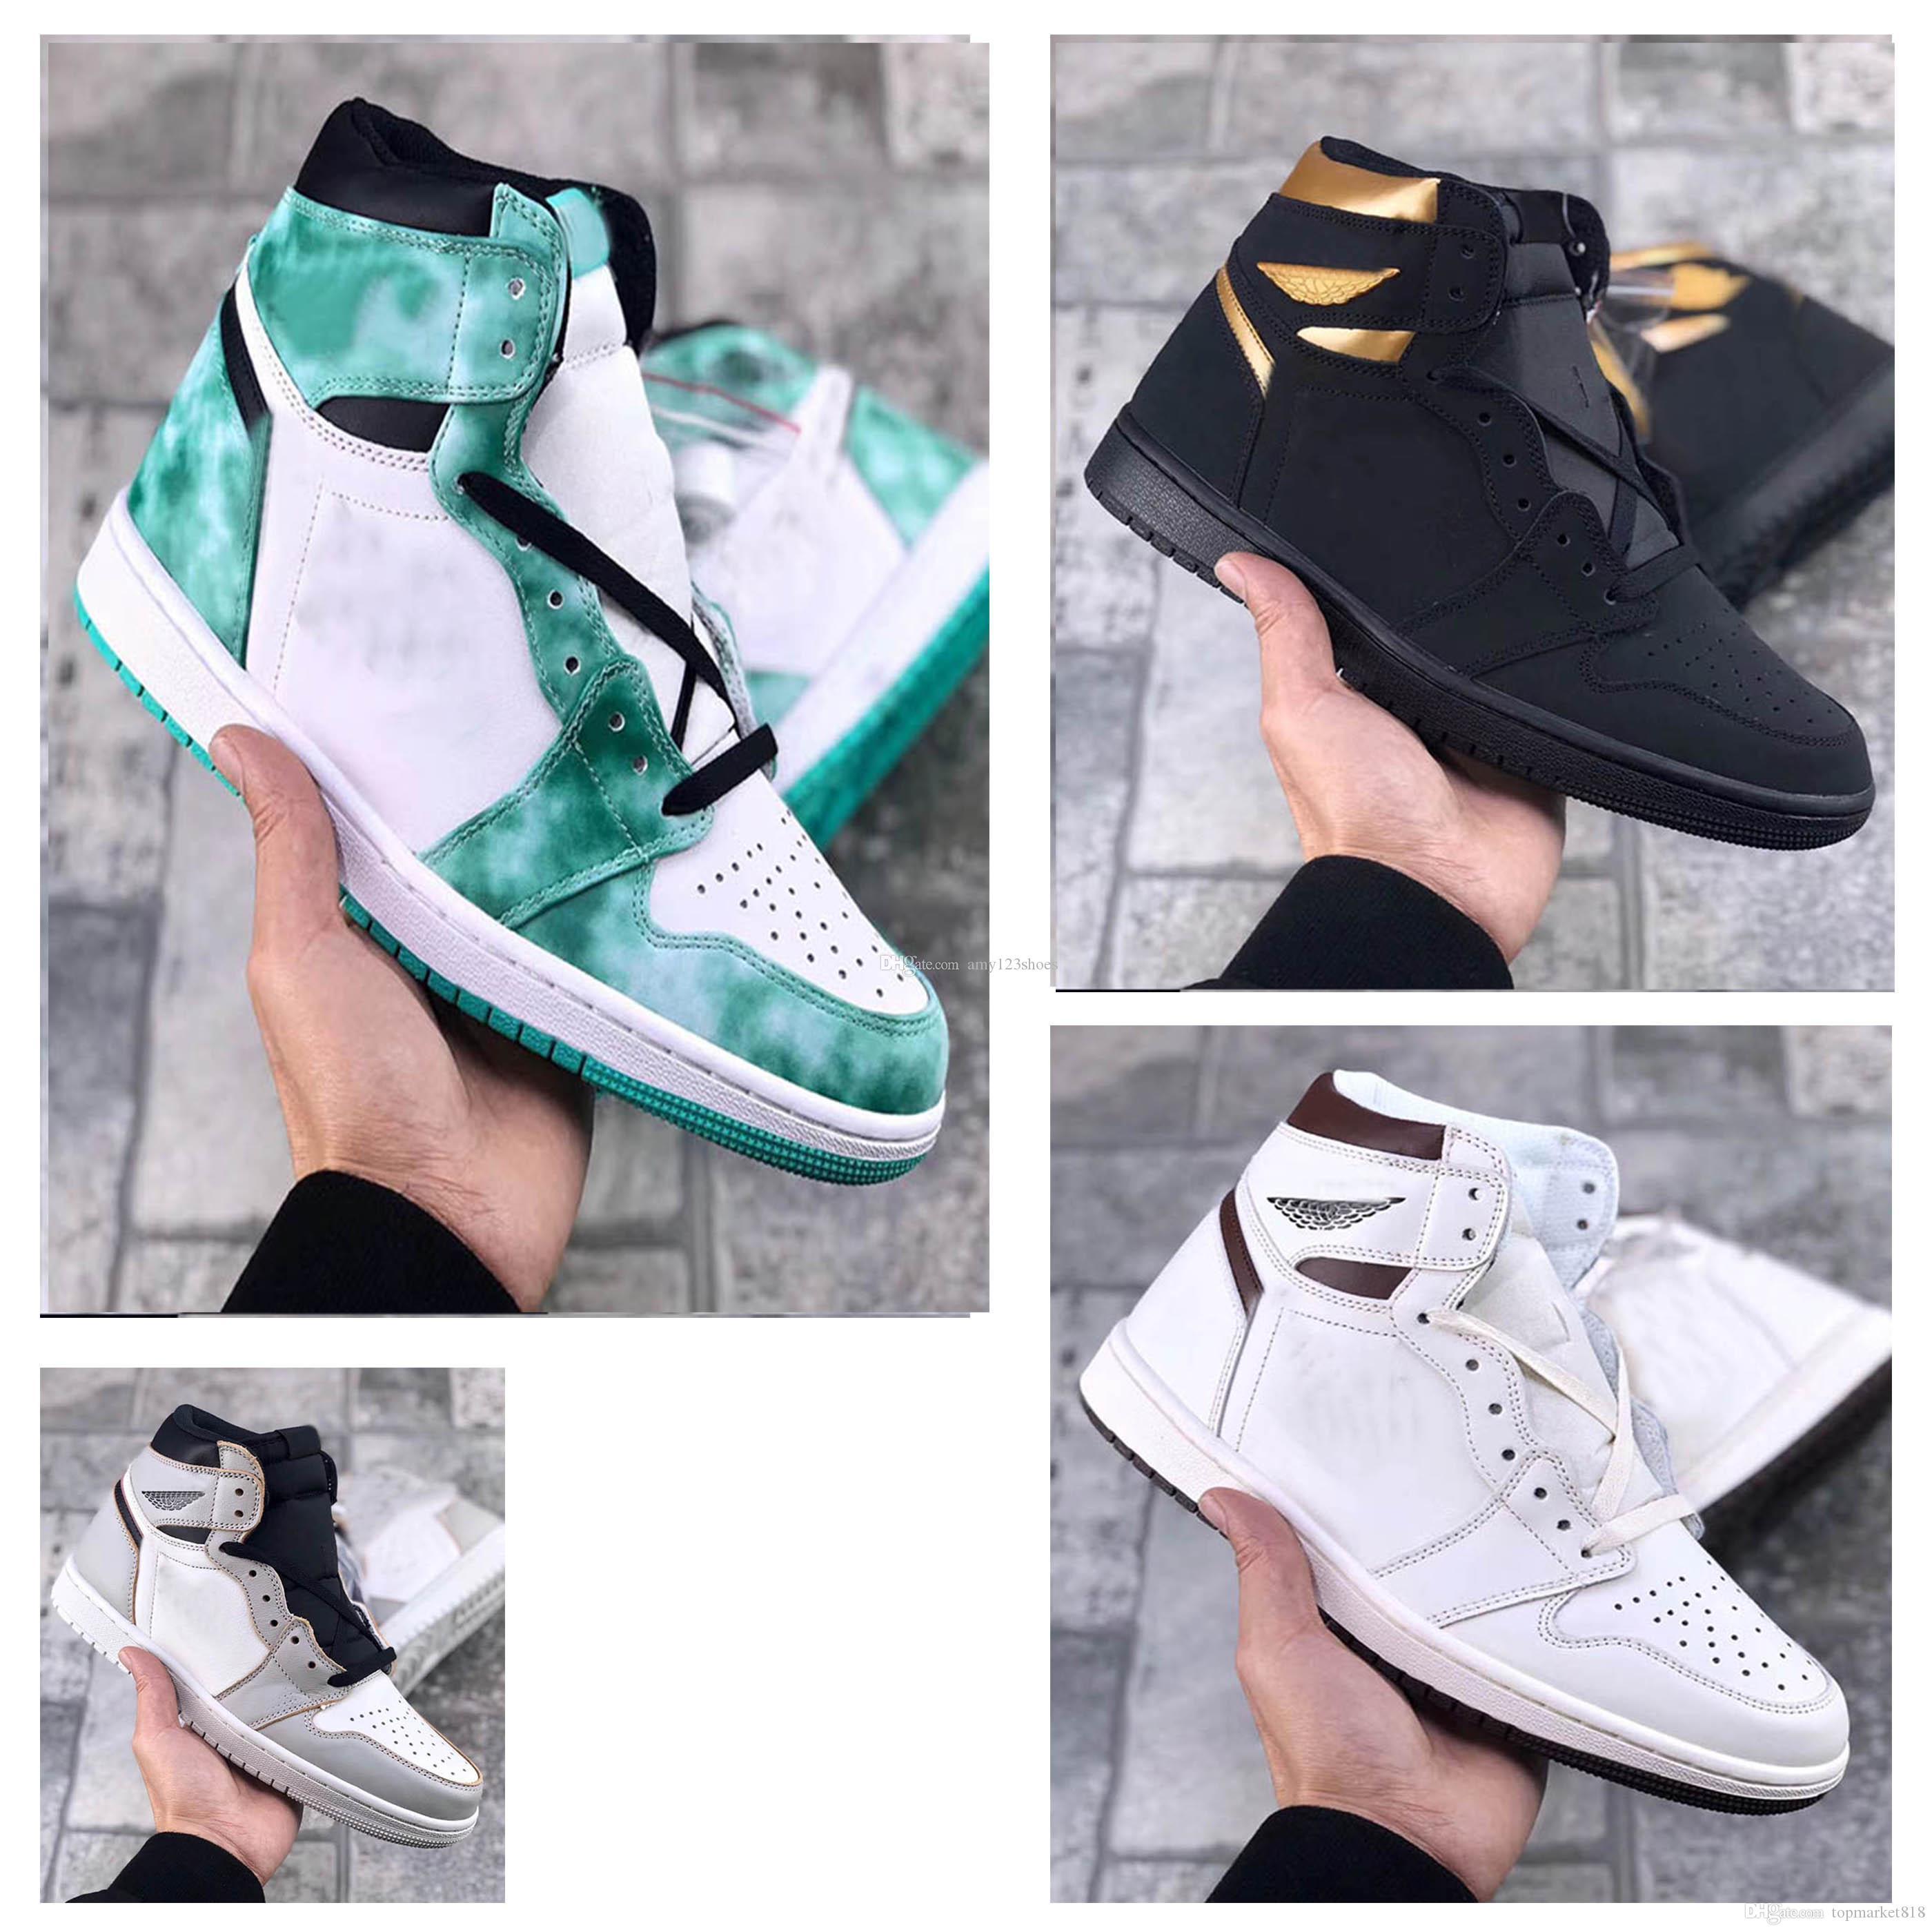 En kaliteli 1s 1 Yüksek OG Siyah Metalik Altın basketbol ayakkabıları kutusu ile 1 Giysi S 1 Mocha spor ayakkabıları eğitmenler mens